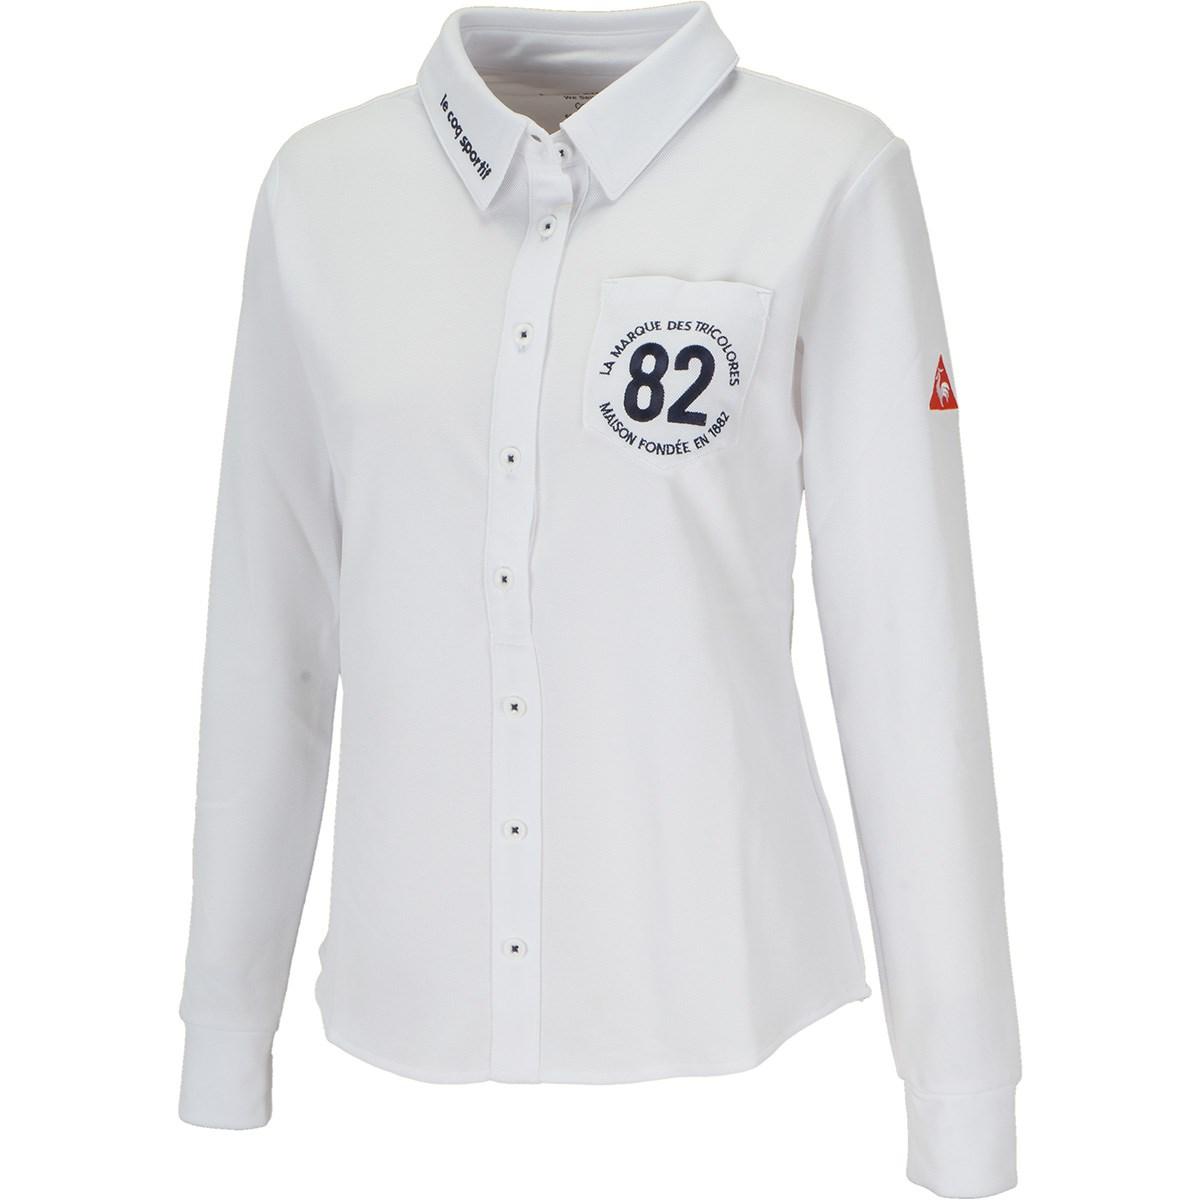 ルコックゴルフ Le coq sportif GOLF ストレッチ 鹿の子長袖シャツ LL ホワイト 00 レディス